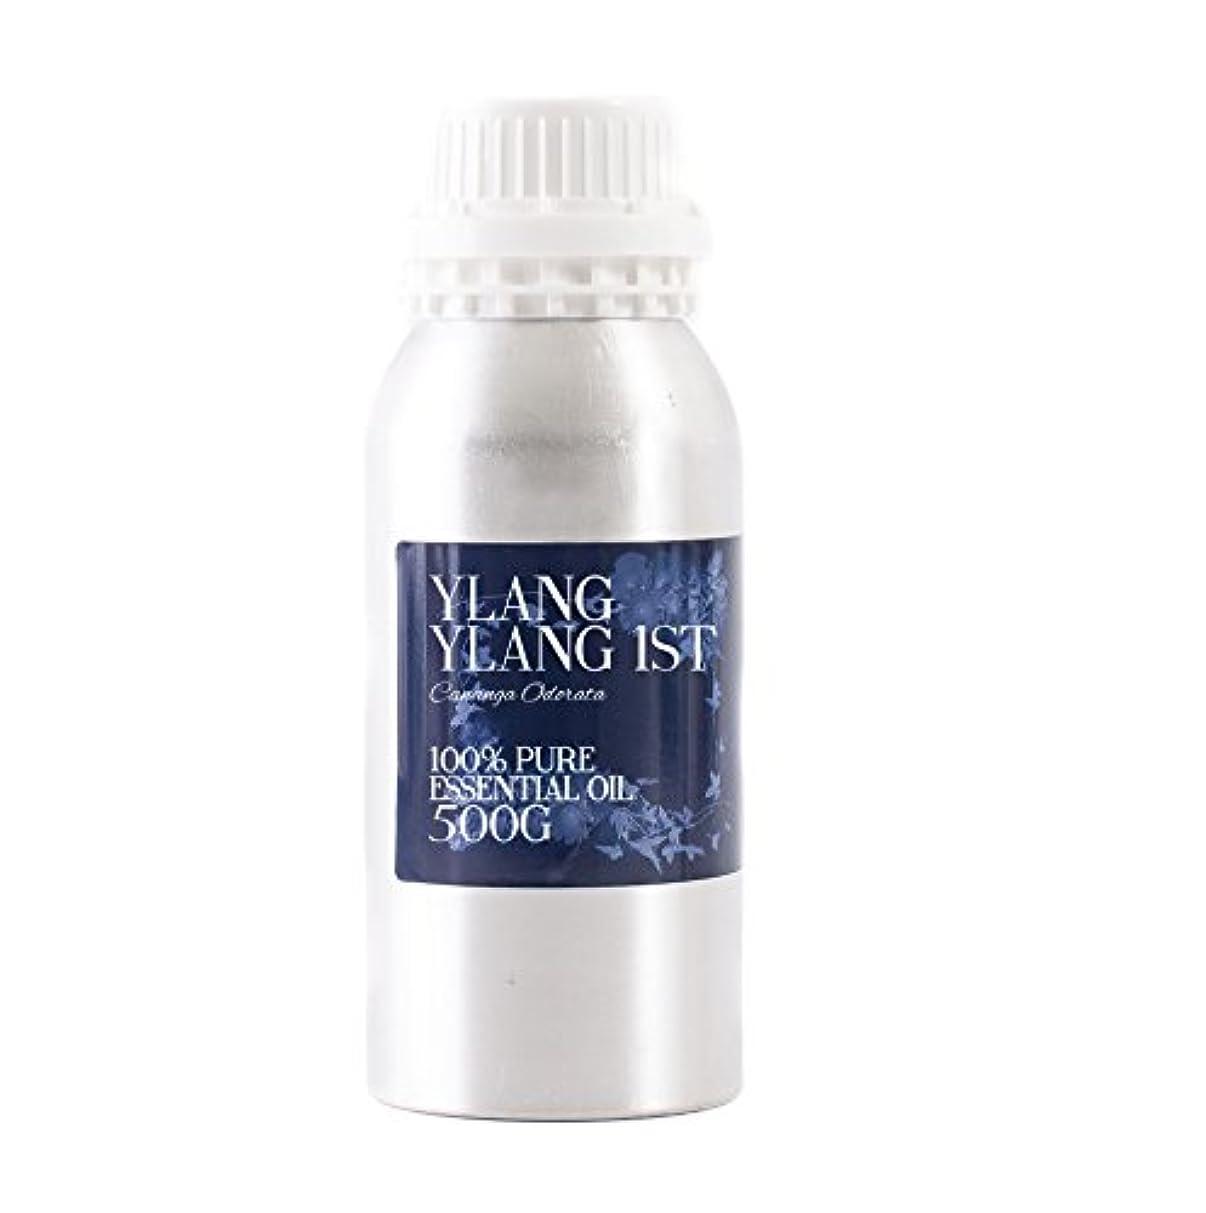 主観的コーデリアミルクMystic Moments | Ylang Ylang 1st Essential Oil - 500g - 100% Pure